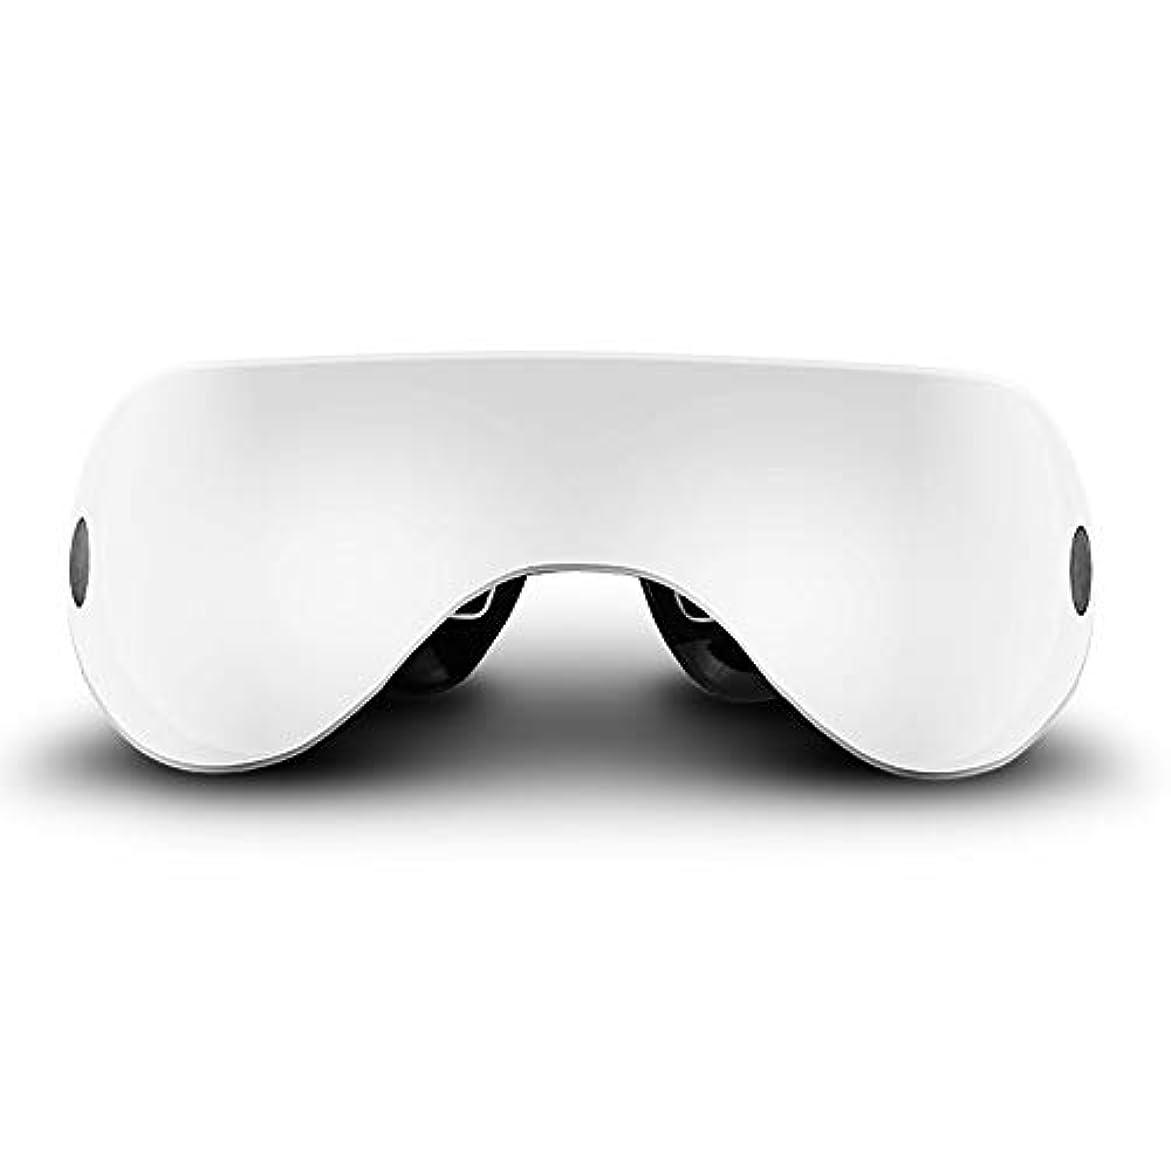 散文ワイン高揚したJJYPY 電動アイマッサージャー、目の疲労のためのワイヤレス充電式アイマッサージャードライアイストレスリリーフ (Color : White)